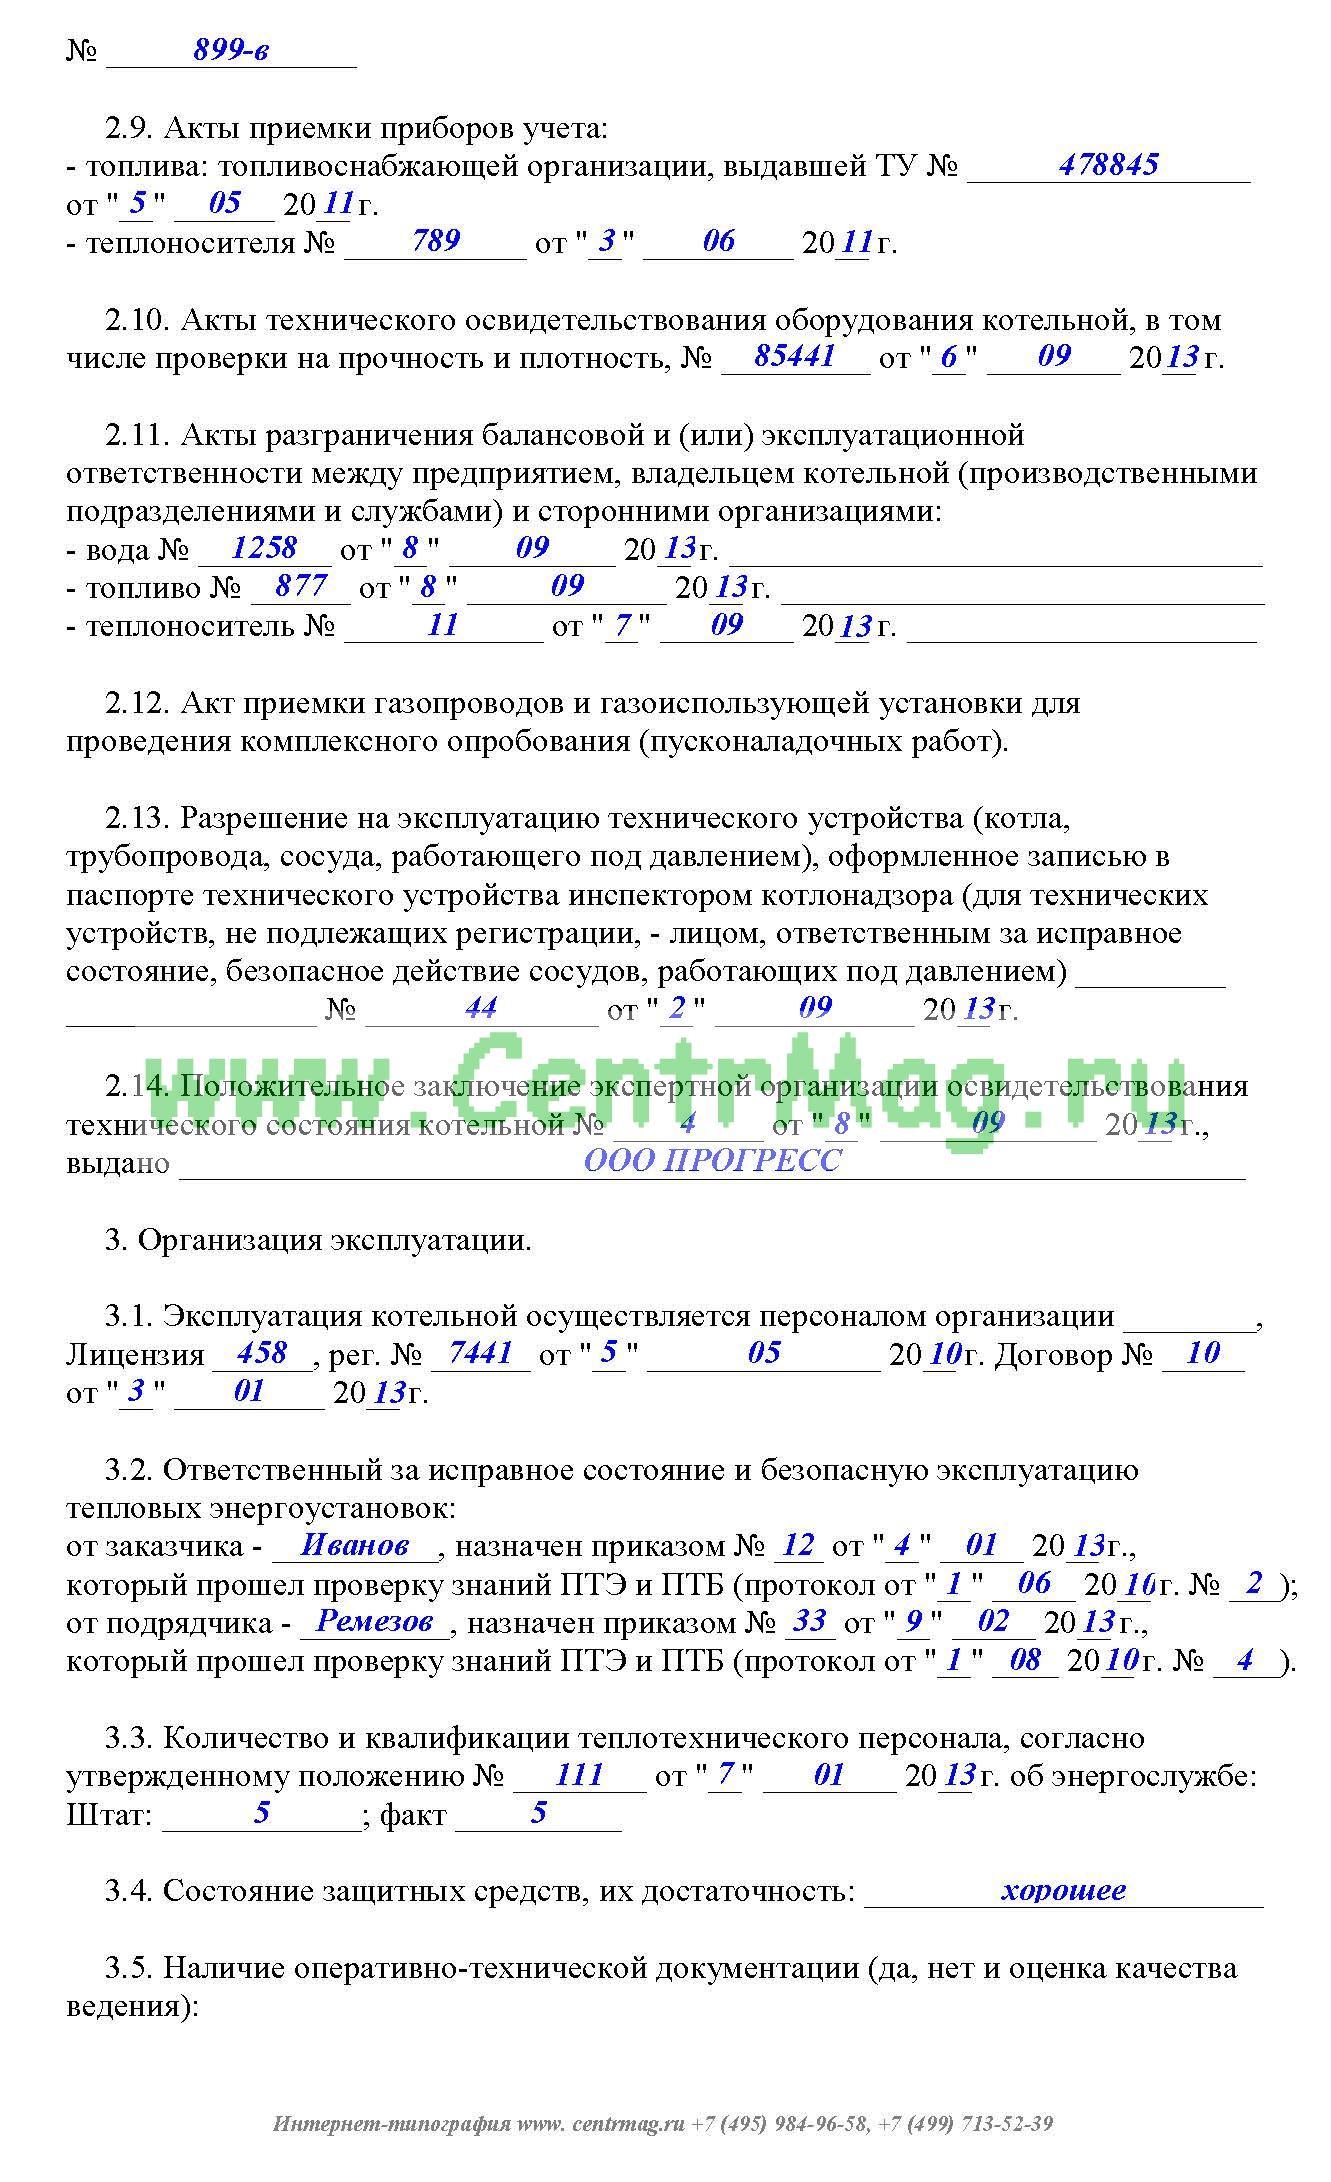 Журнал по Водоподготовке в Котельной образец